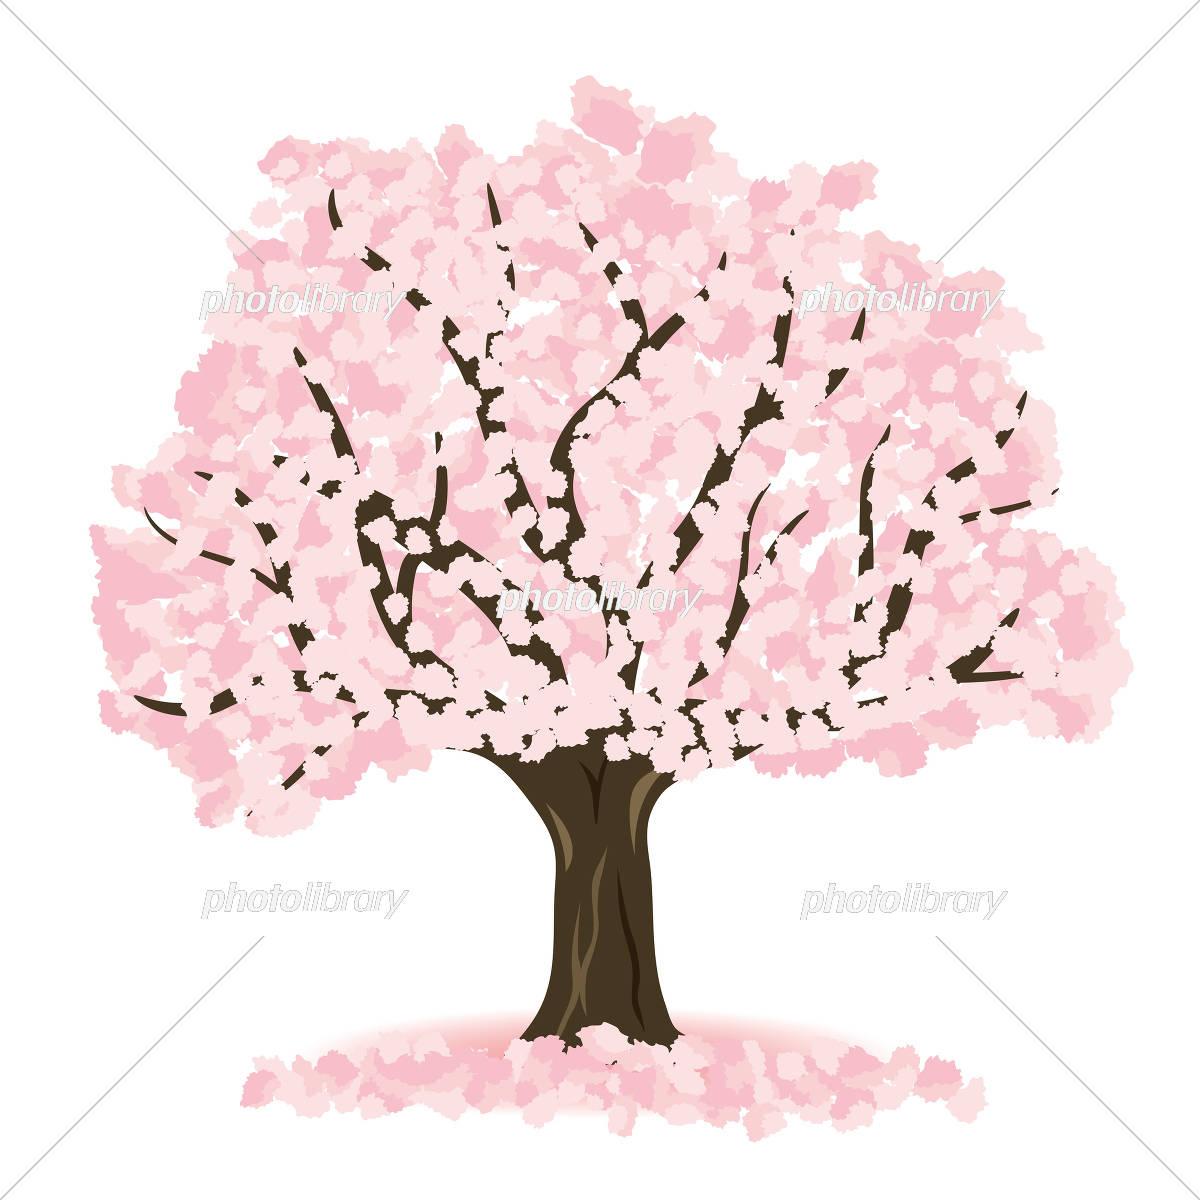 桜の木 イラスト素材 イラスト素材 5465042 フォトライブラリー